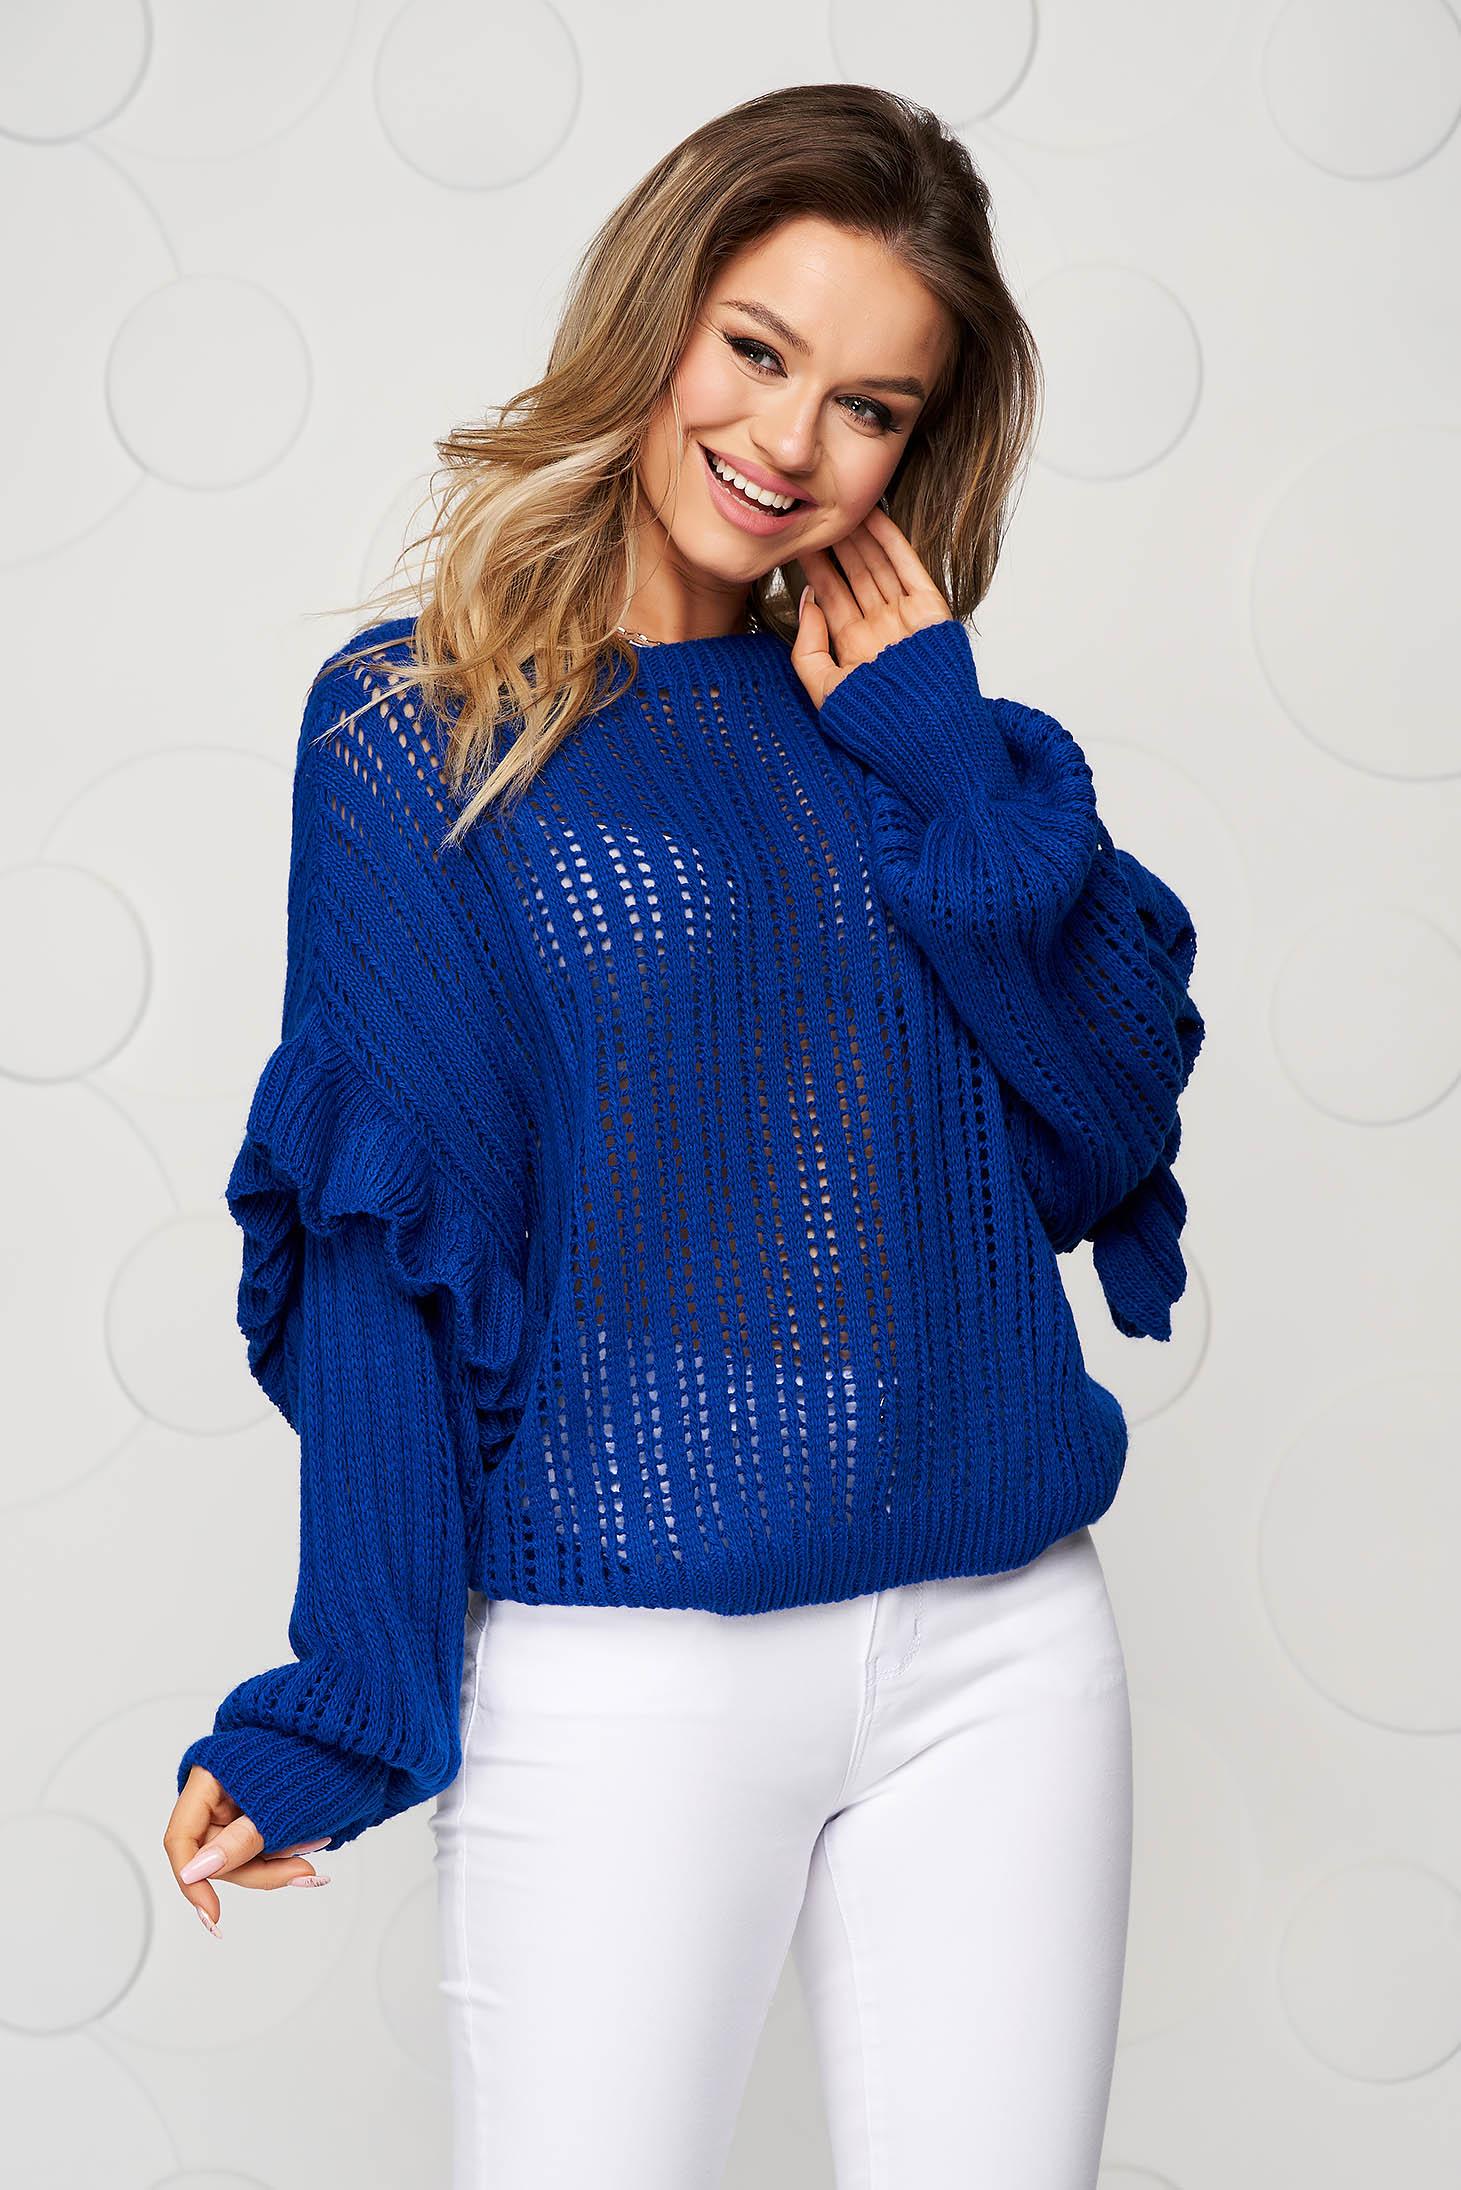 Pulover SunShine albastru tricotat transparent cu croi larg si volanase la maneci